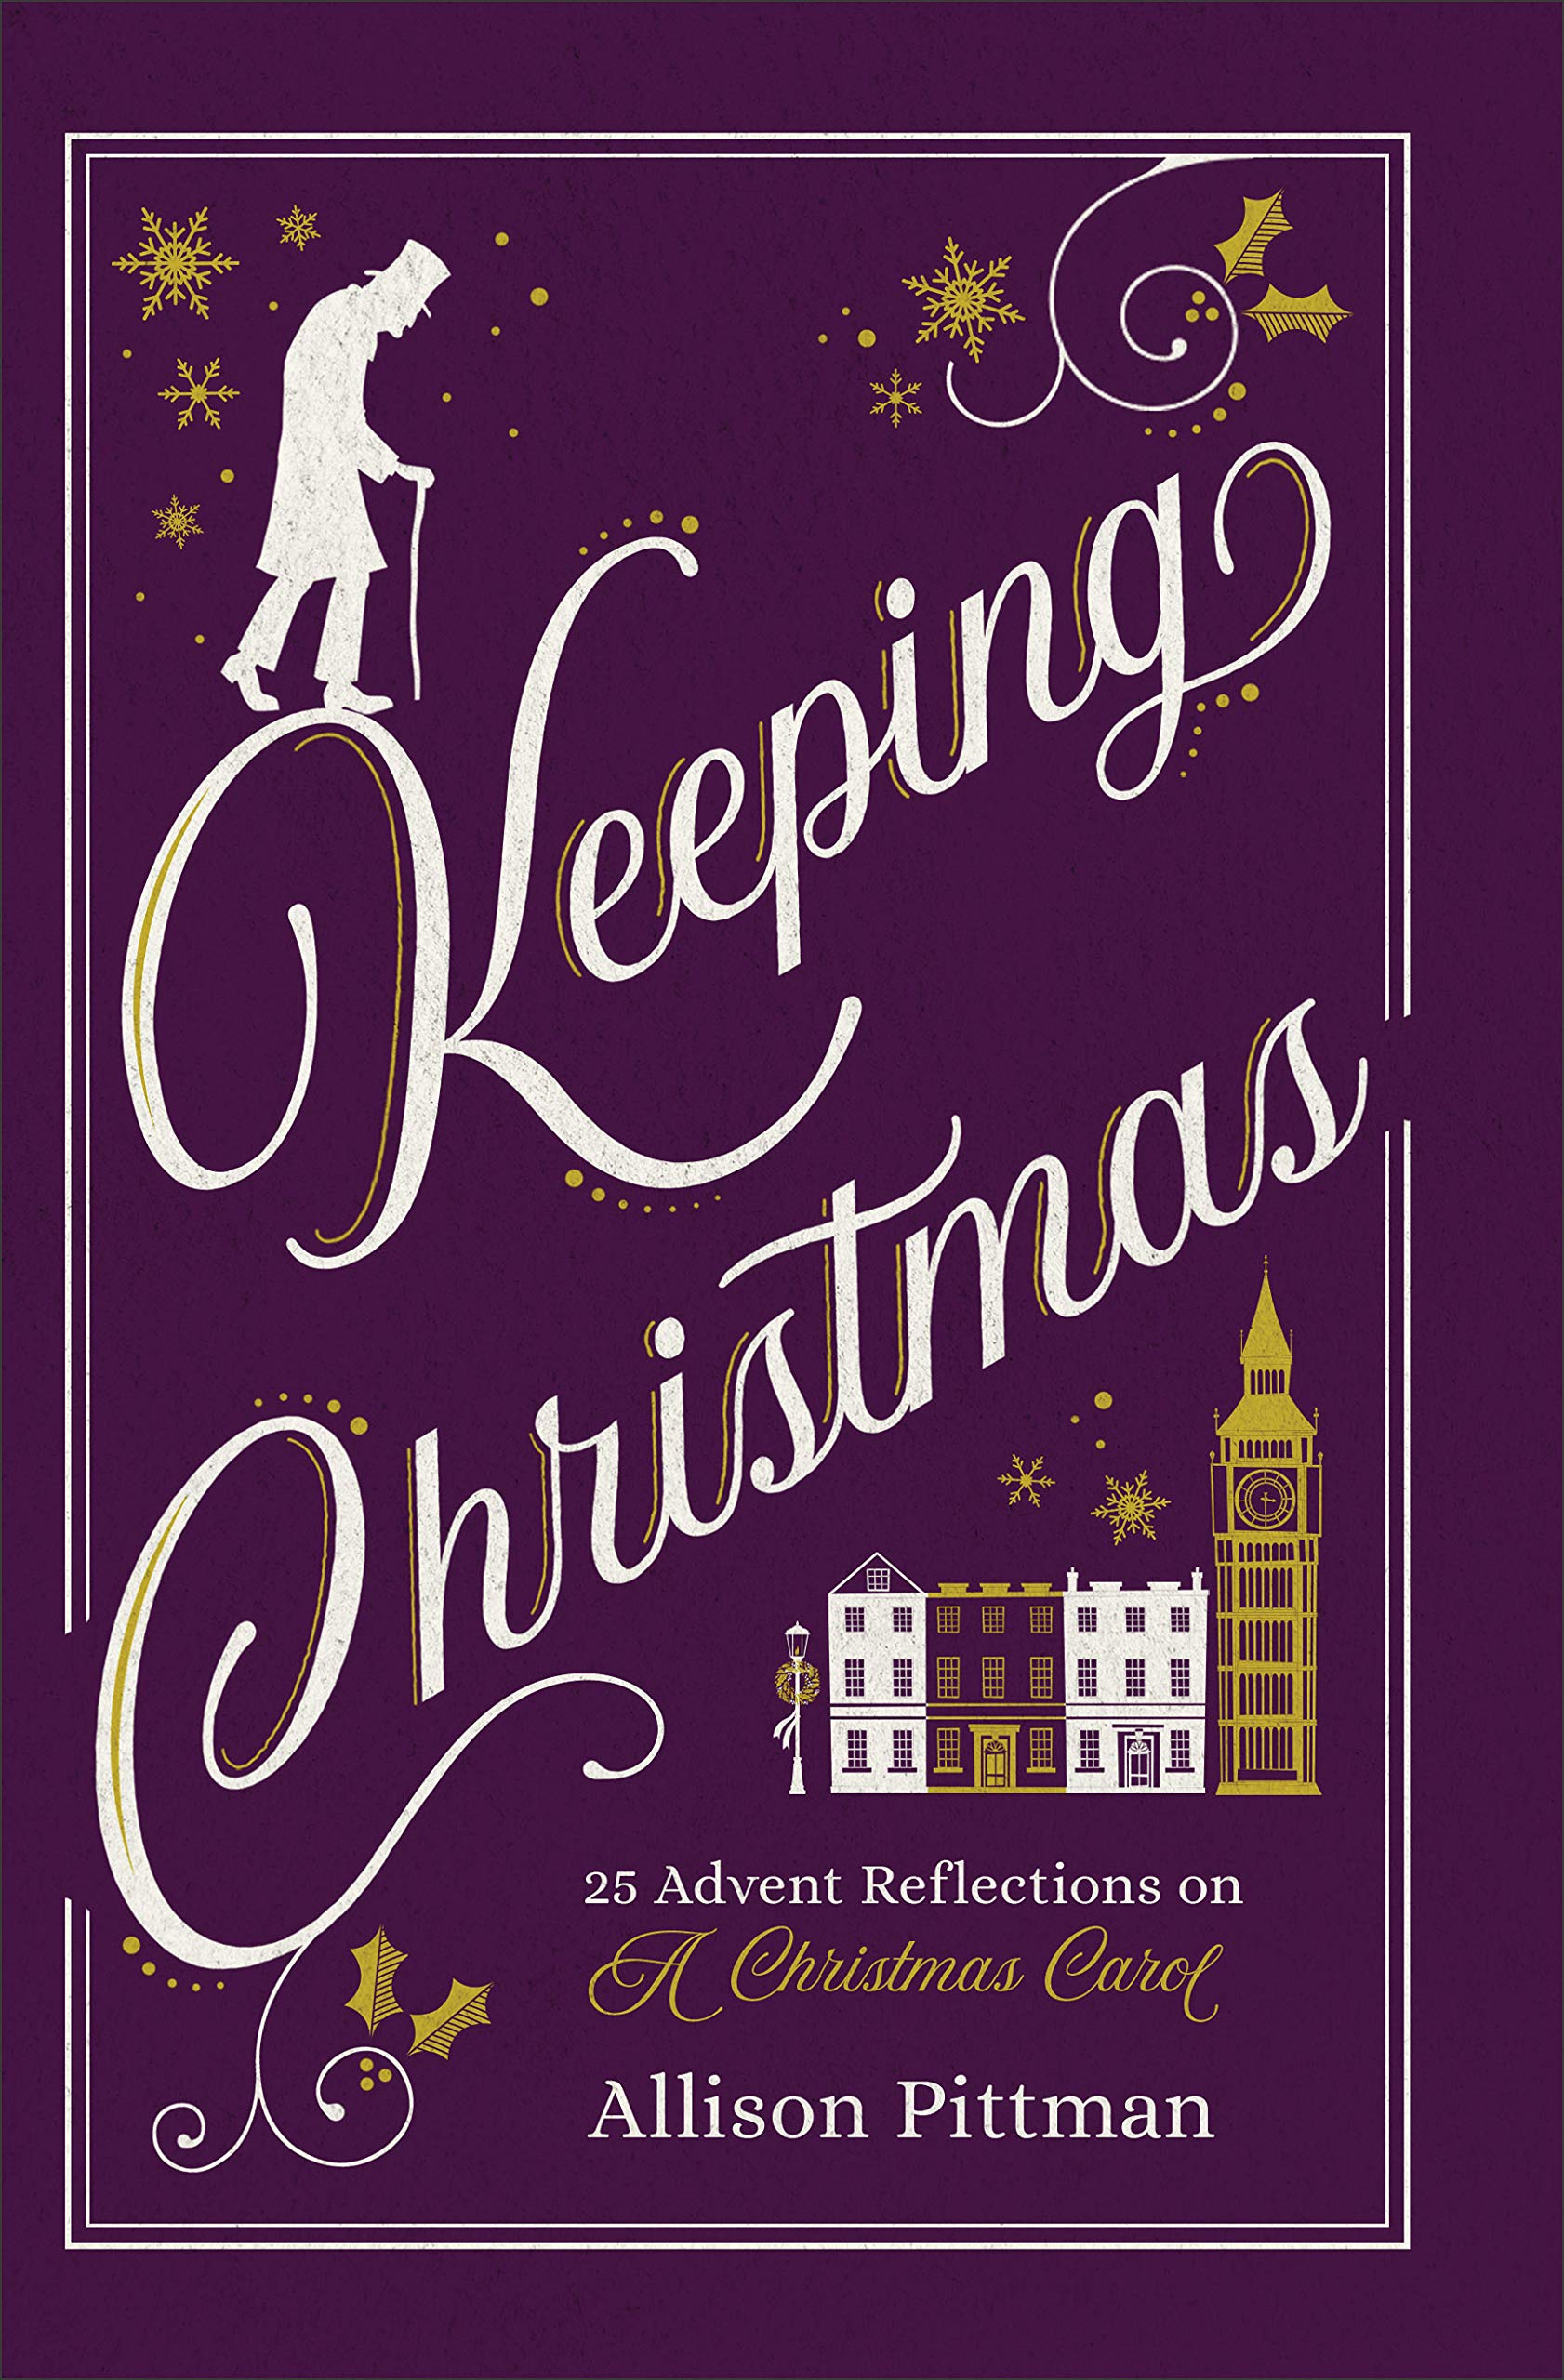 Keeping Christmas: 25 Advent Reflections on A Christmas Carol:  Amazon.co.uk: Allison Pittman: 9781540900067: Books